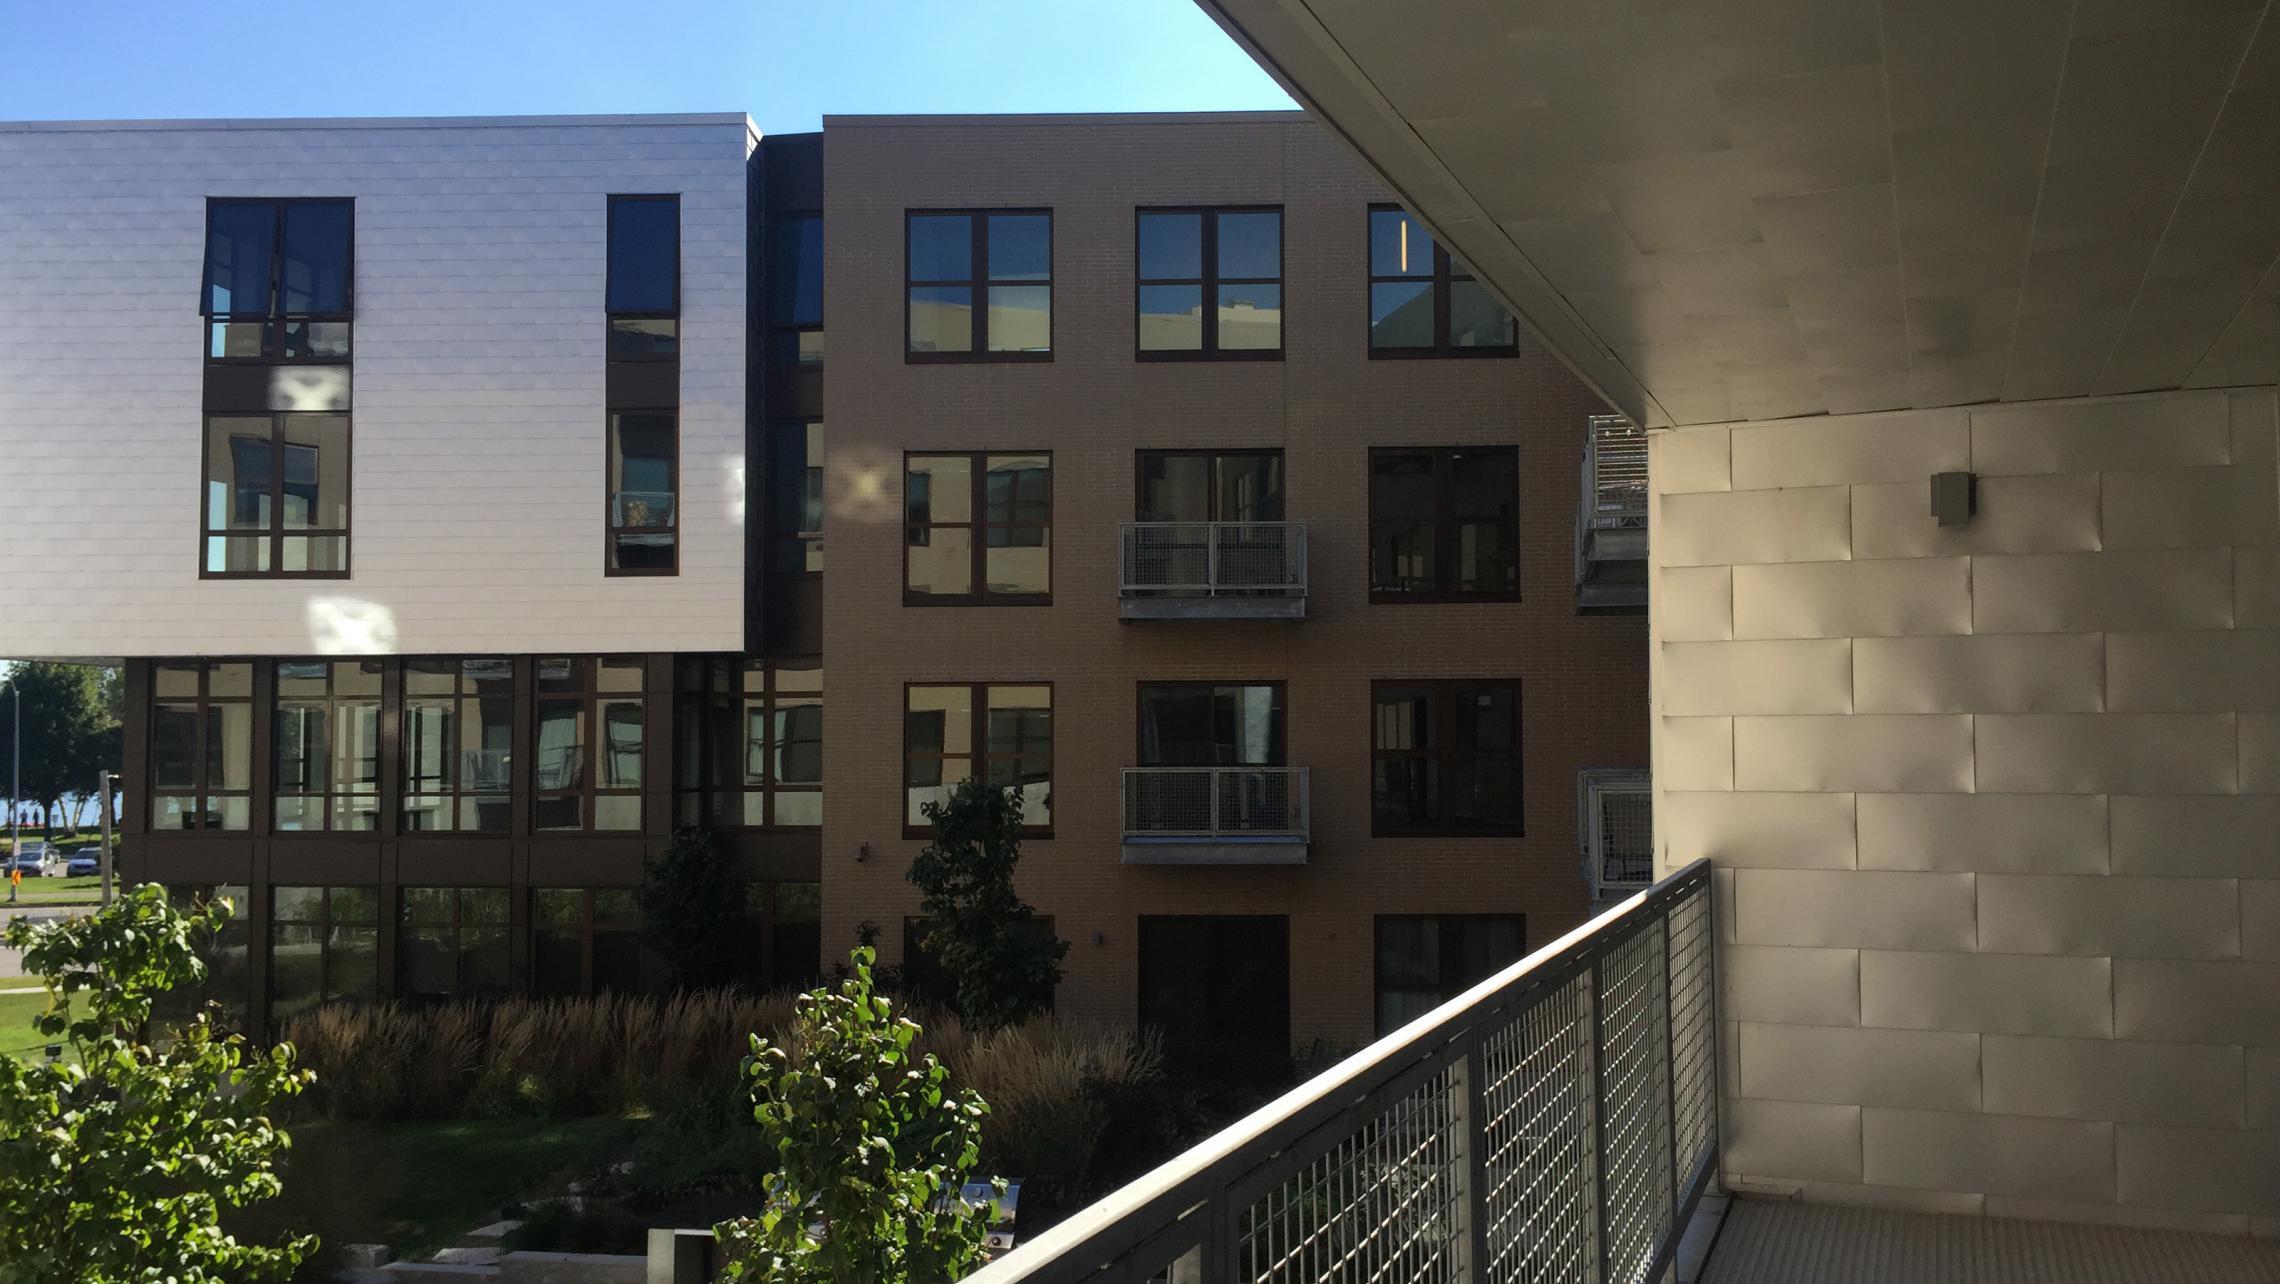 ULI Seven27 Apartment 219 - Balcony View